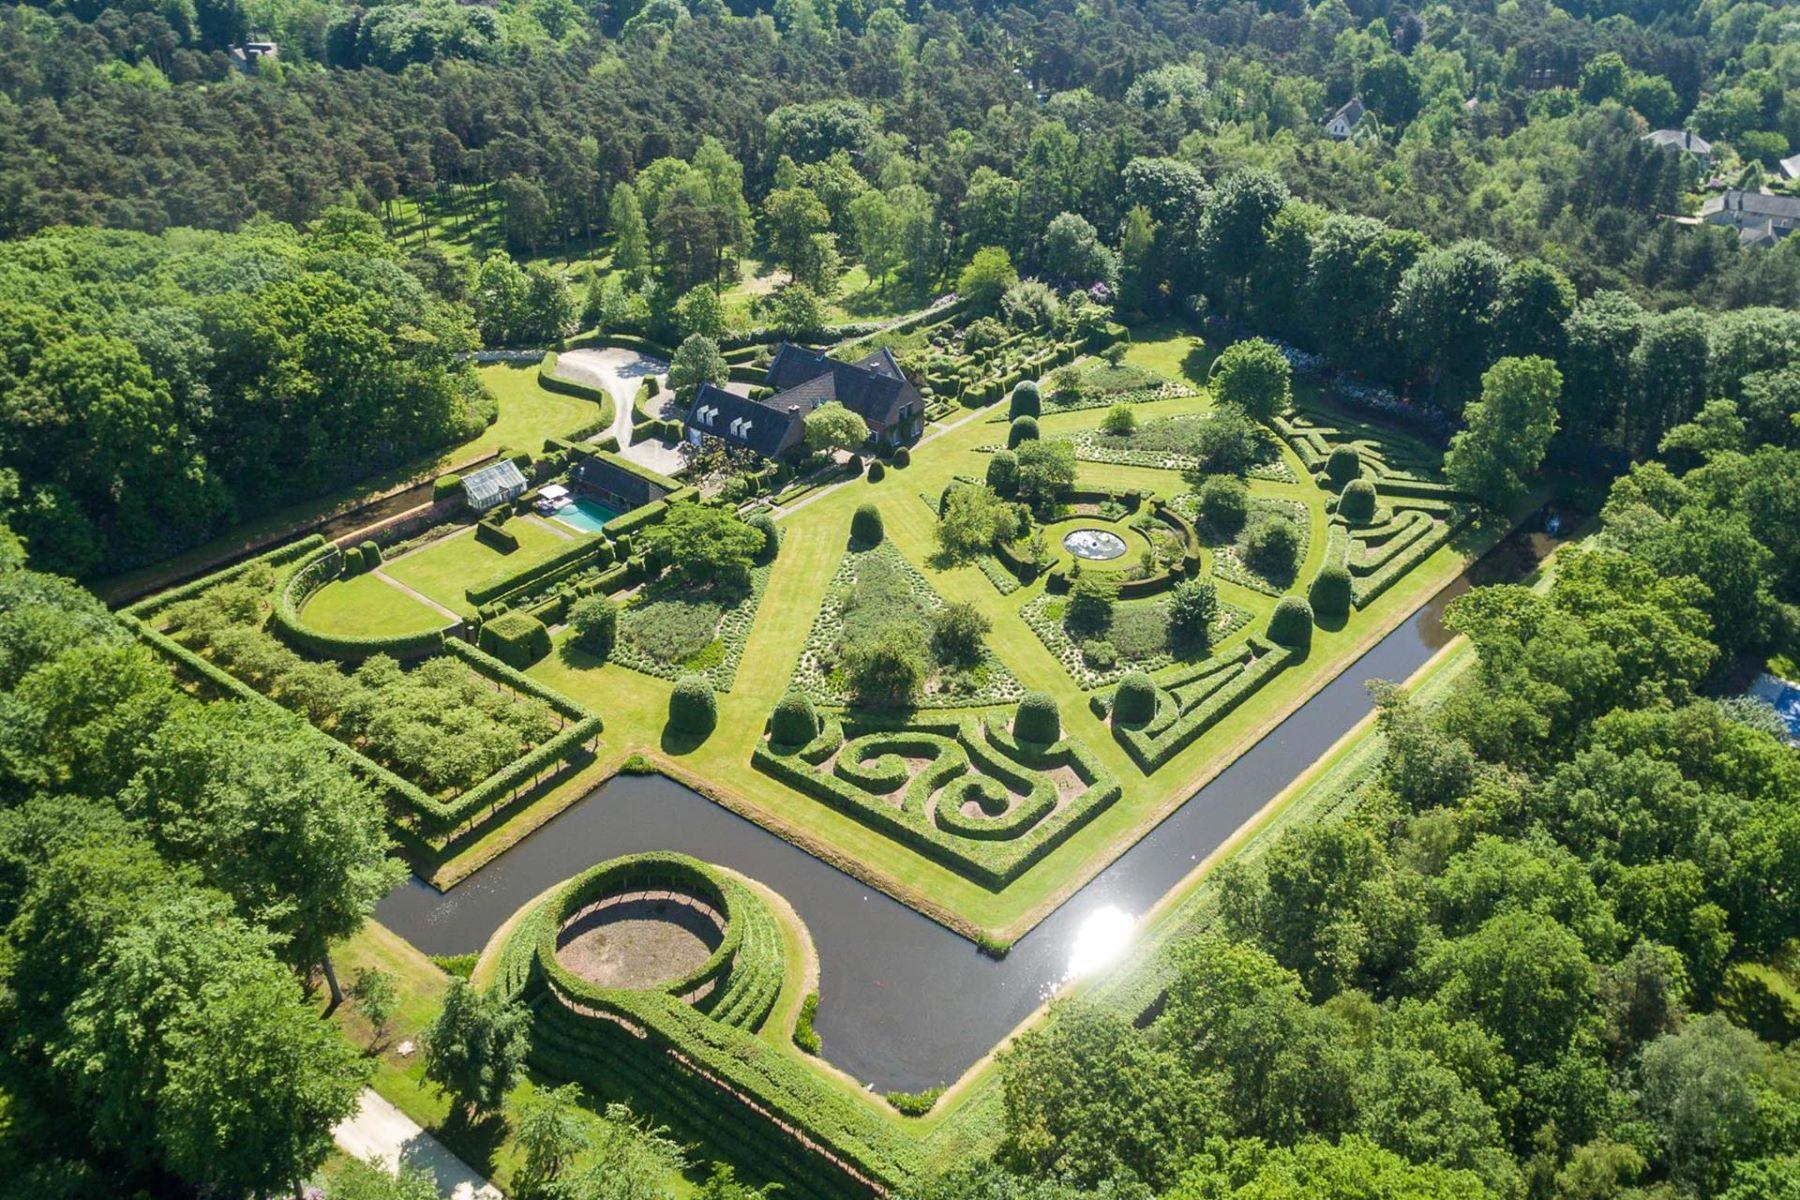 Single Family Homes for Sale at Antwerp I Schoten Schoten, Antwerp 2900 Belgium